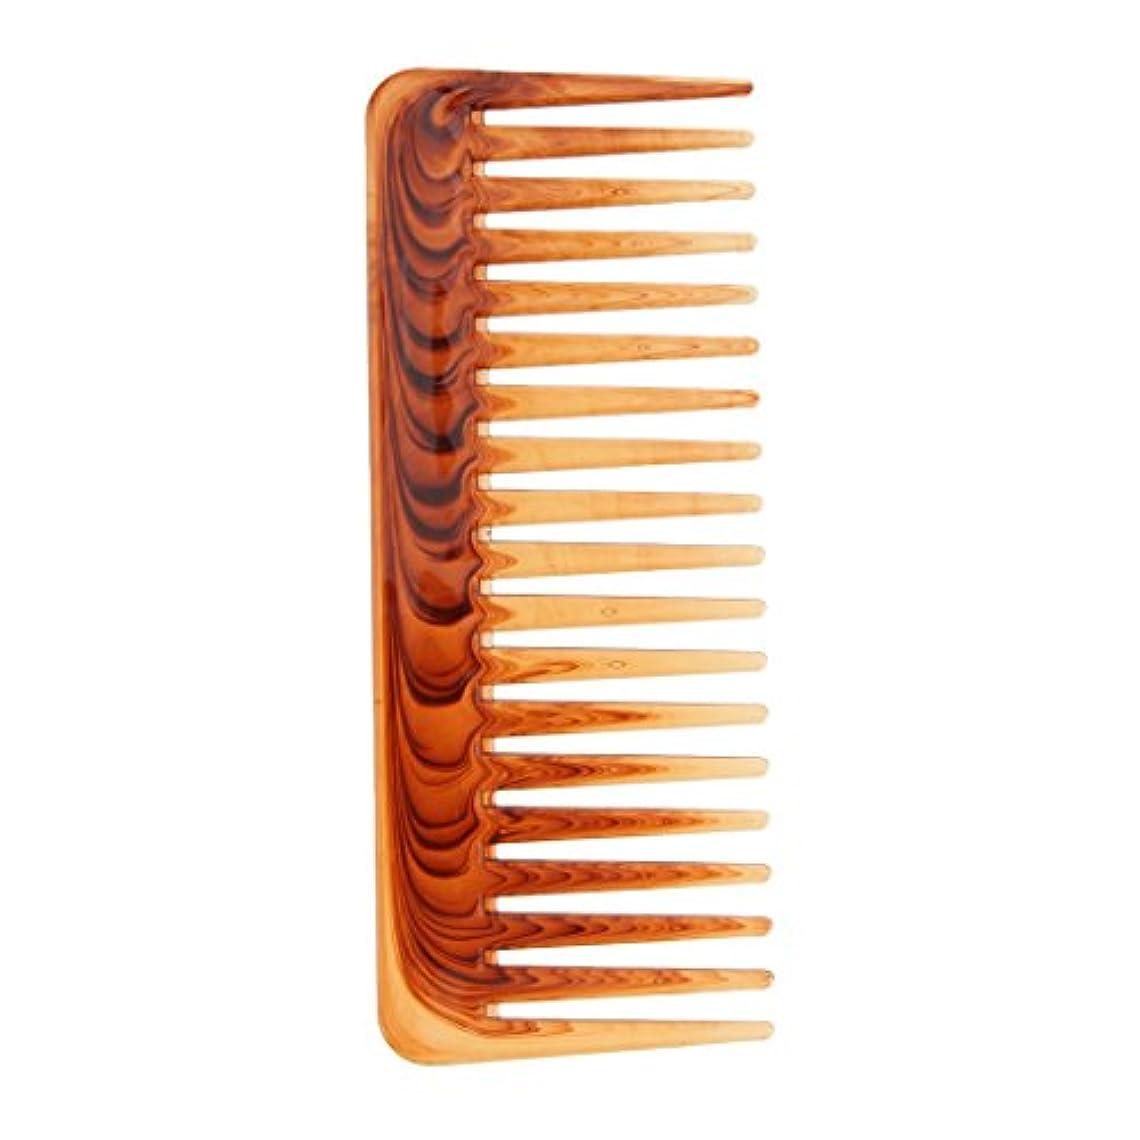 甘やかす陰気祝福するヘアコンビ ヘアコーム ワイド ヘアブラシツール 帯電防止櫛 プラスチック製